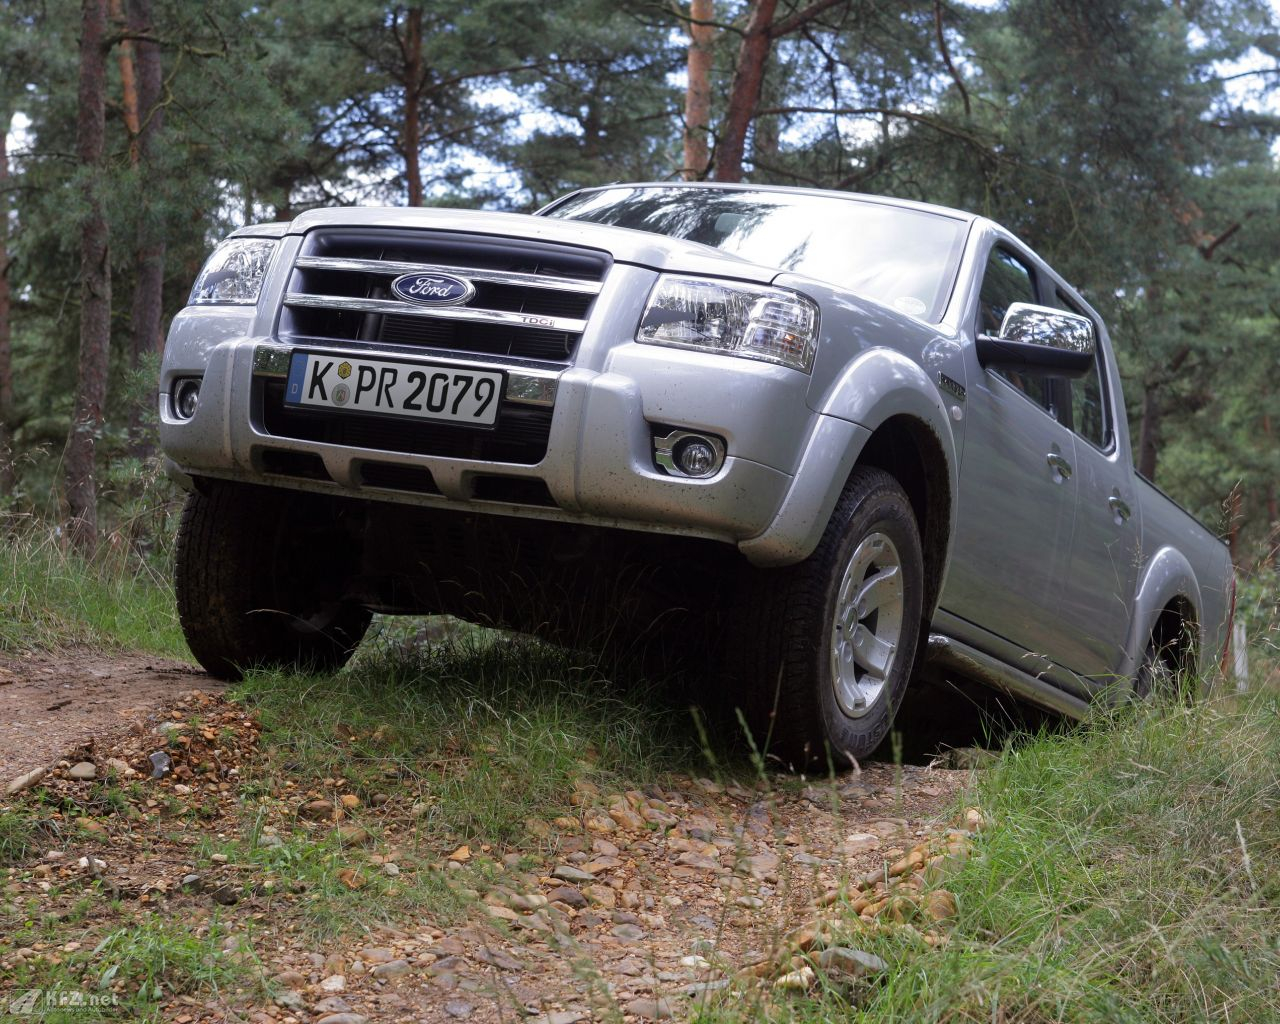 ford-ranger-1280x1024-13